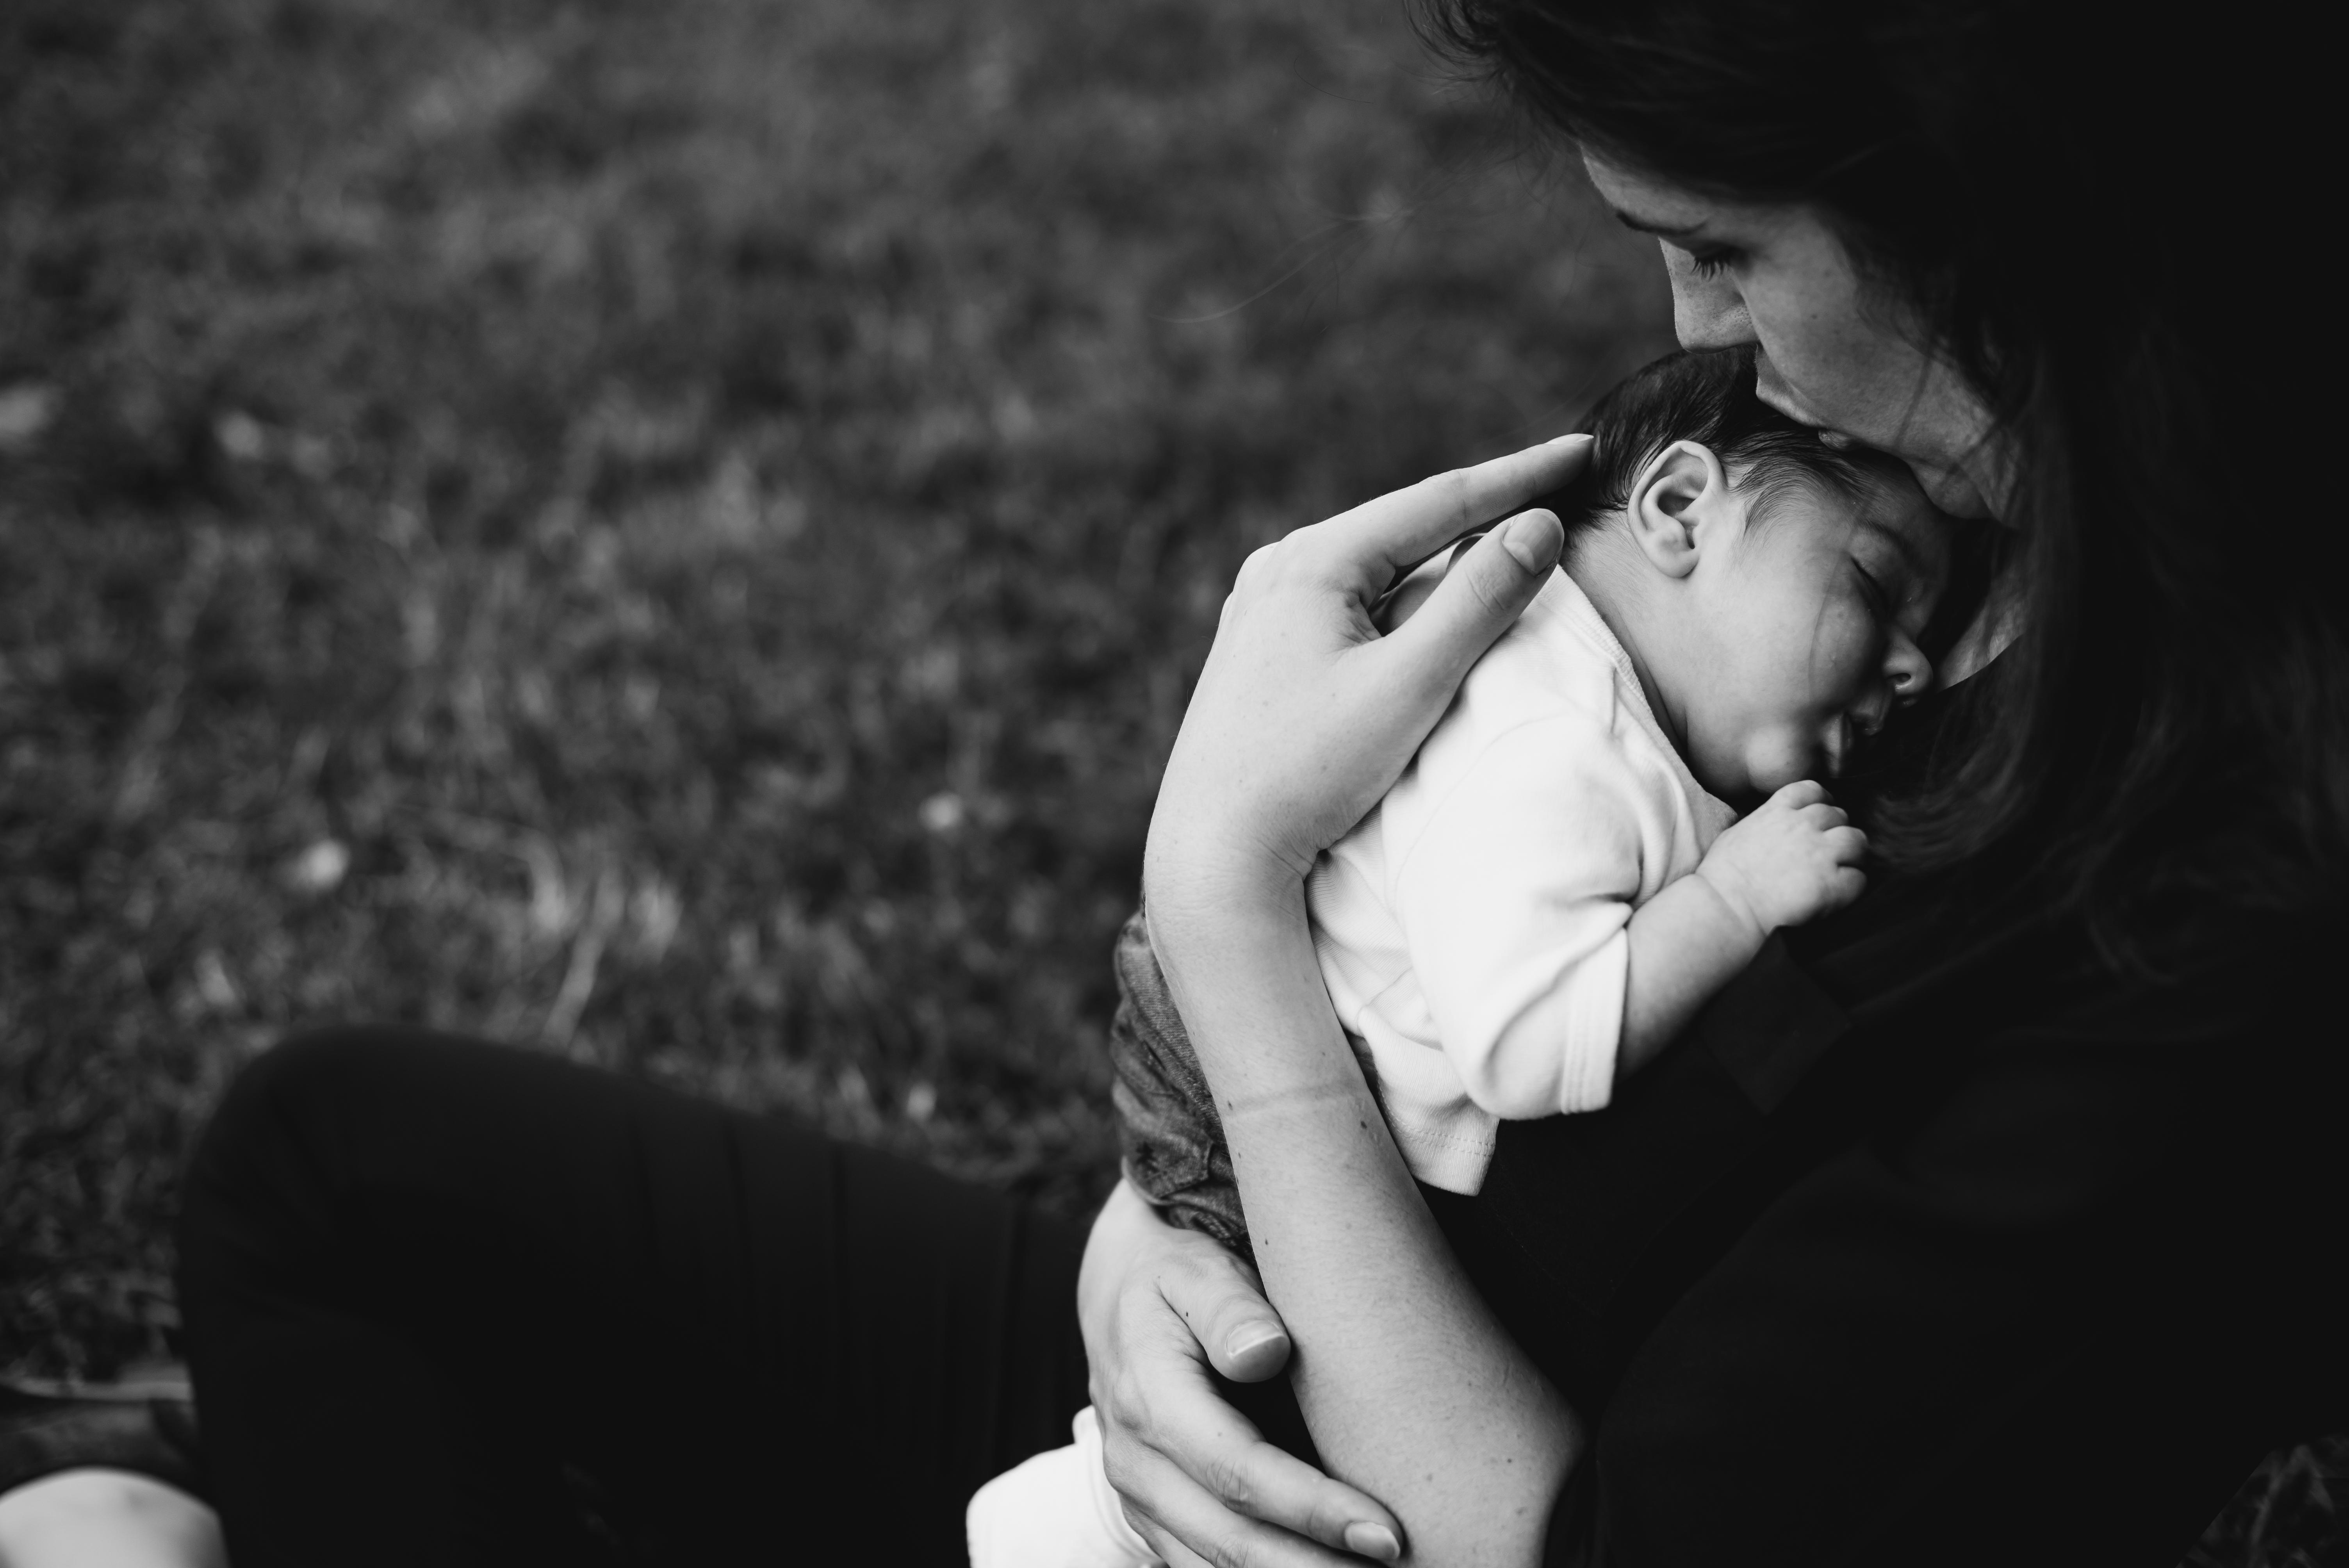 Léa-Fery-photographe-professionnel-lyon-rhone-alpes-portrait-creation-mariage-evenement-evenementiel-famille-8323